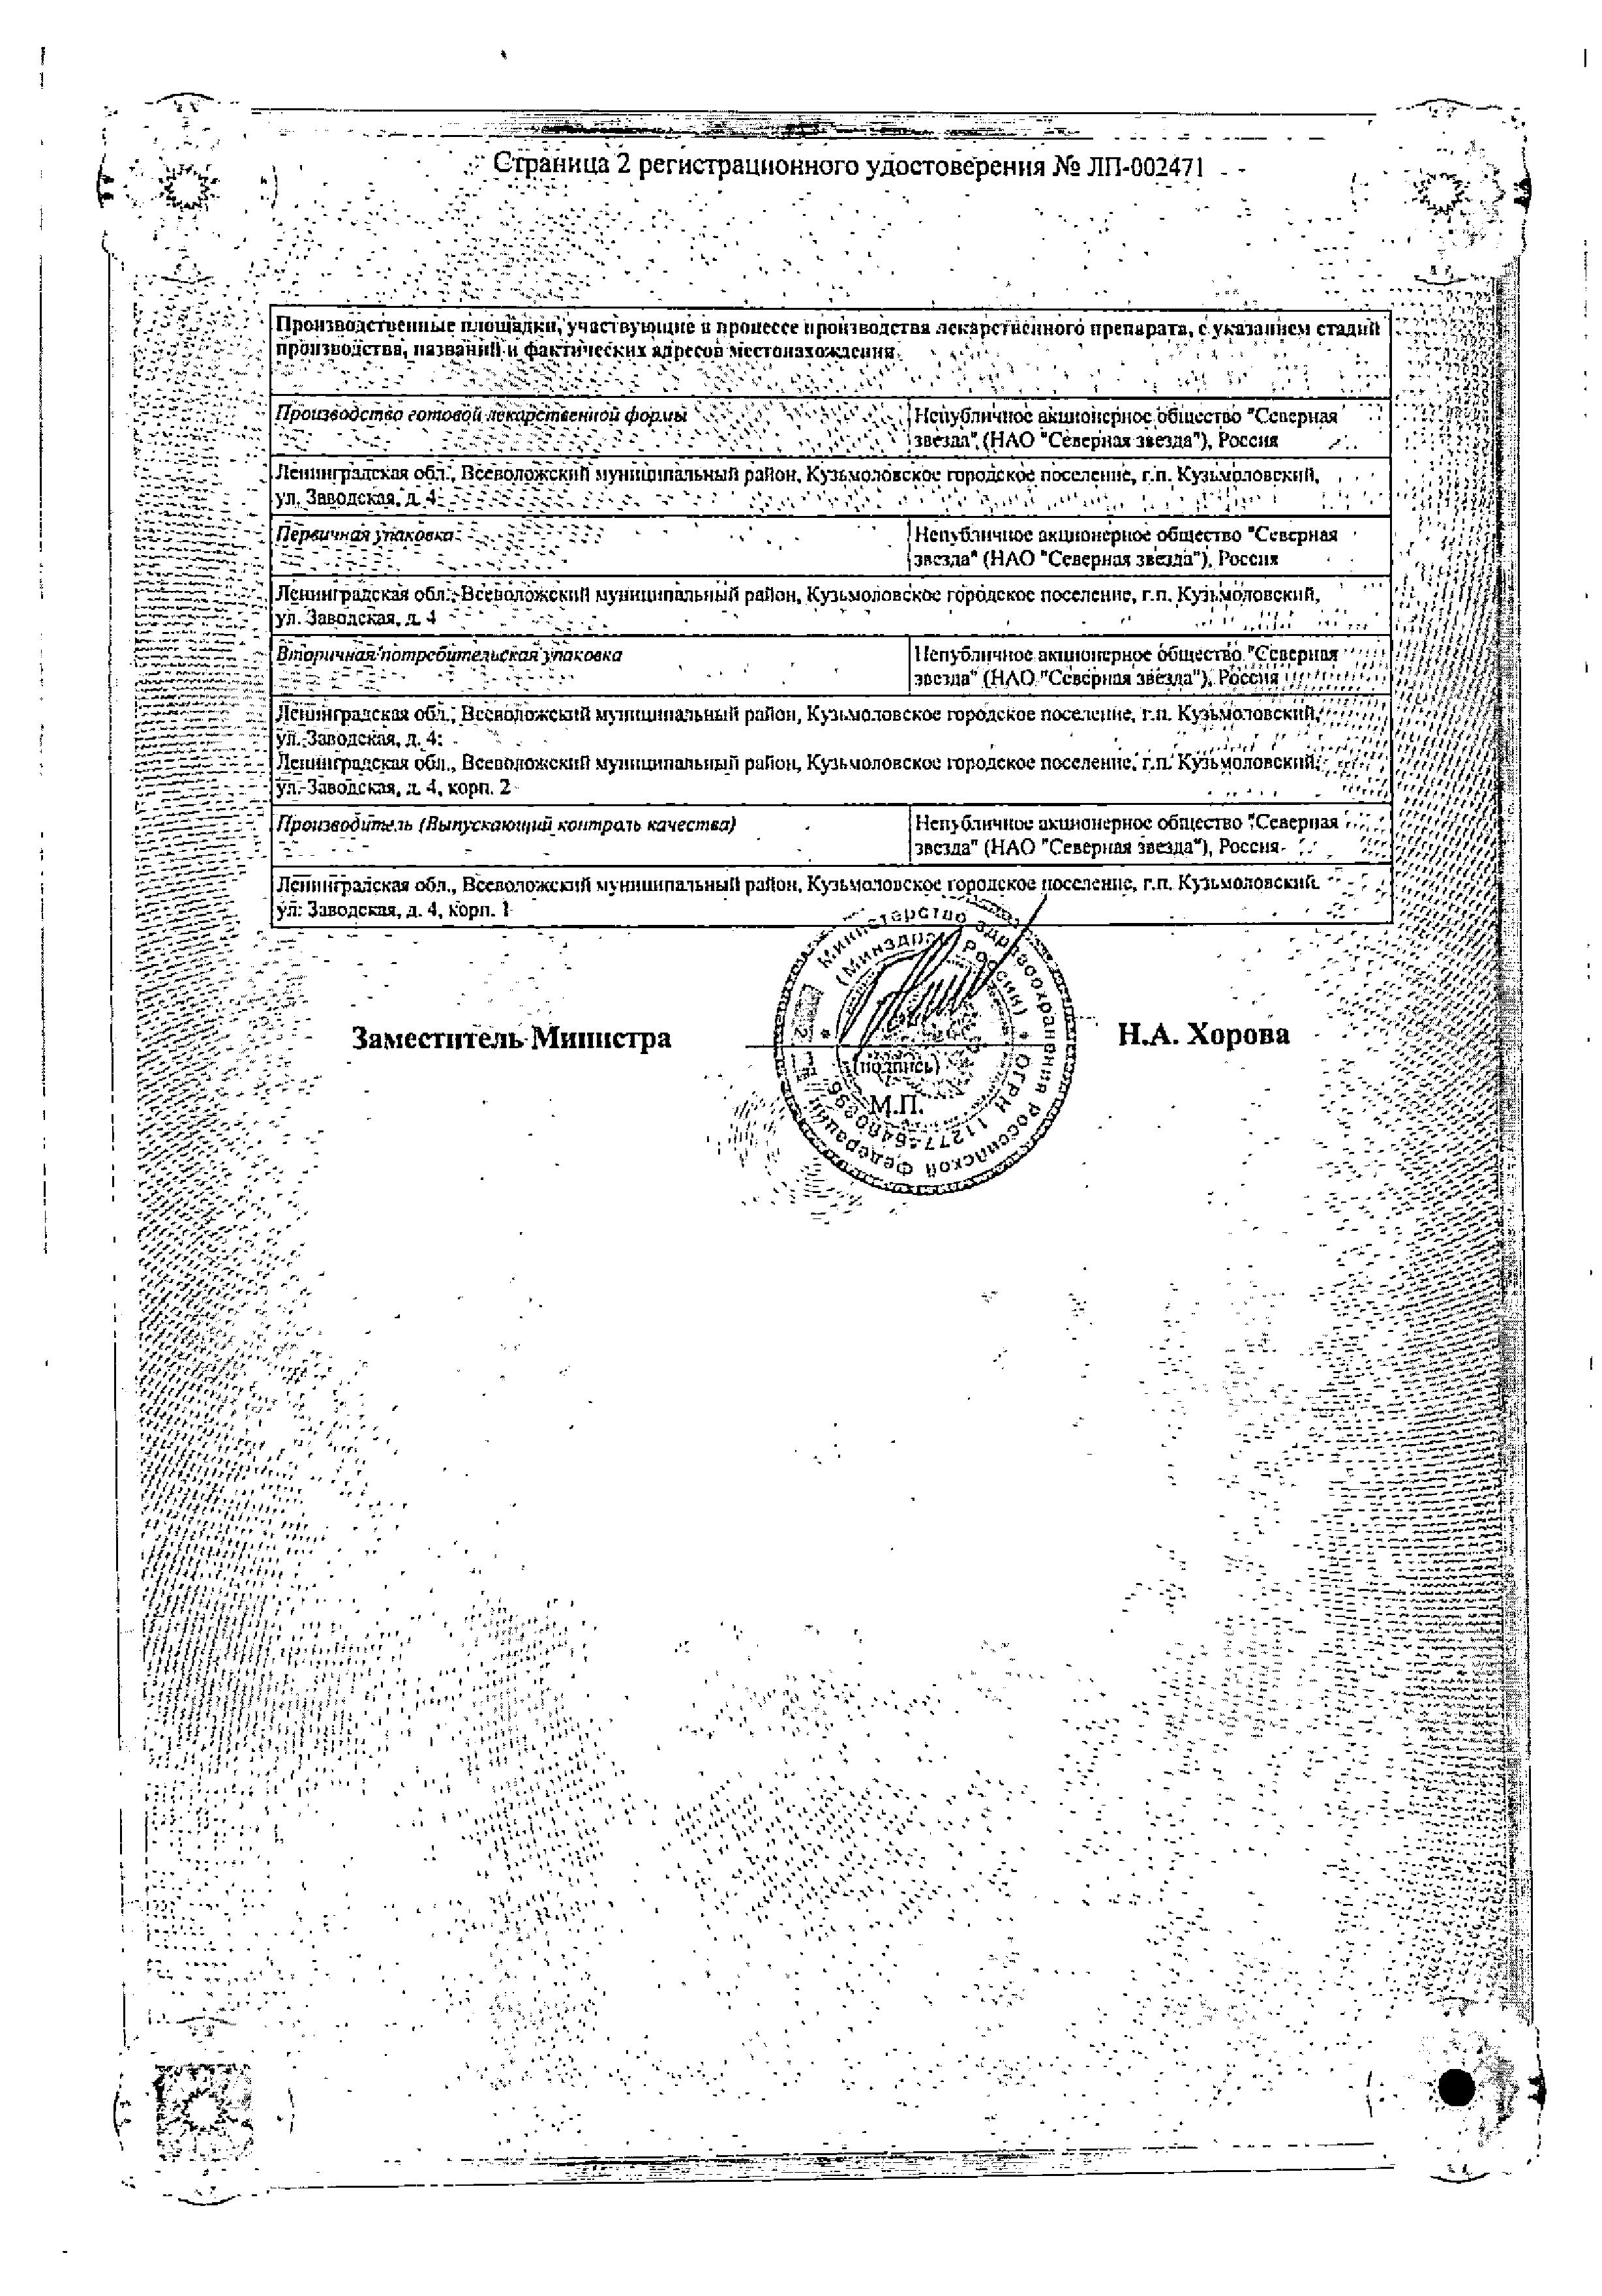 Розувастатин-СЗ сертификат